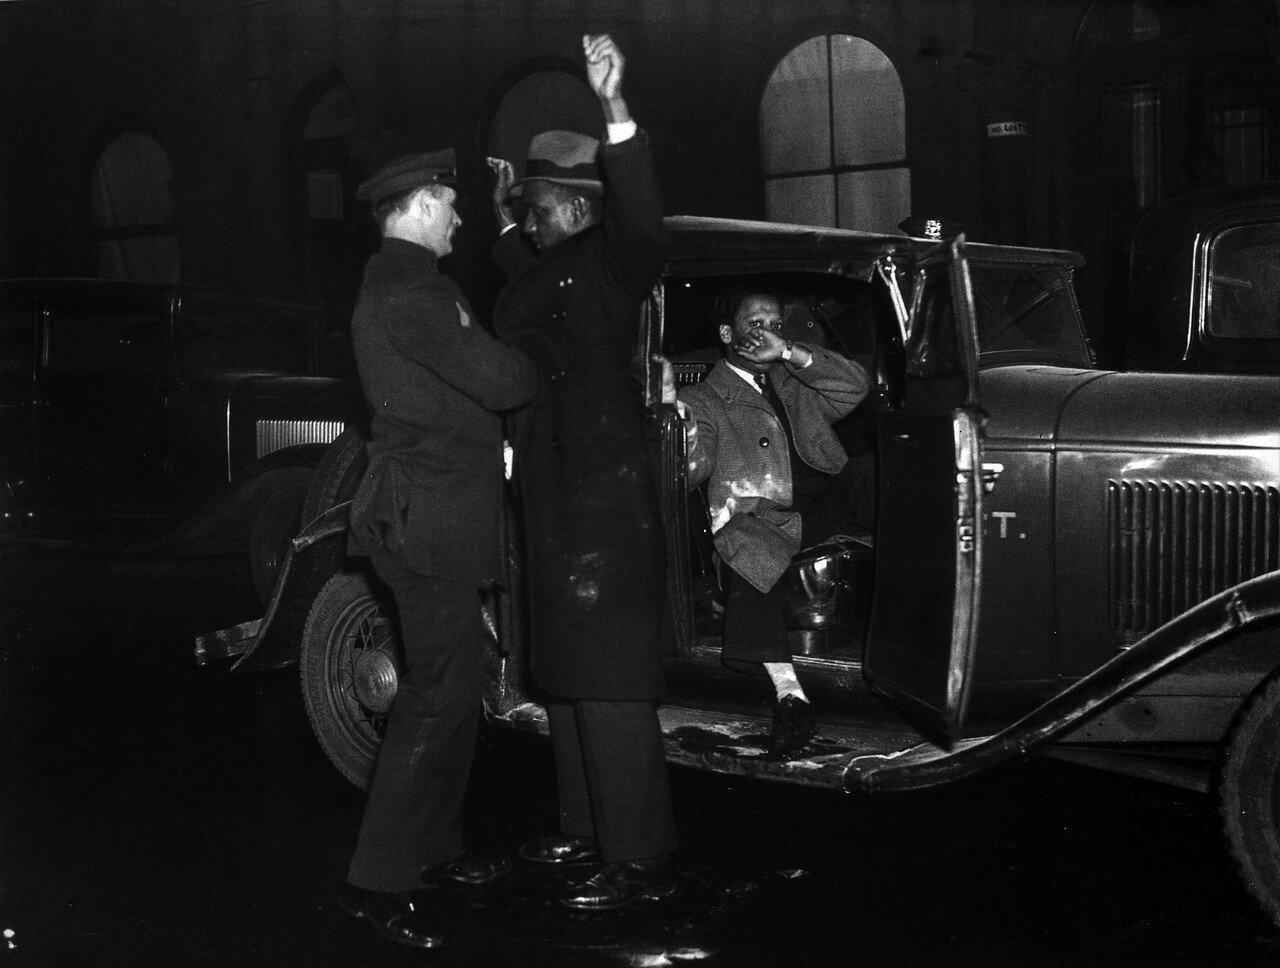 1935. 19 марта. Полиция досматривает негра во время черного бунта в Гарлеме